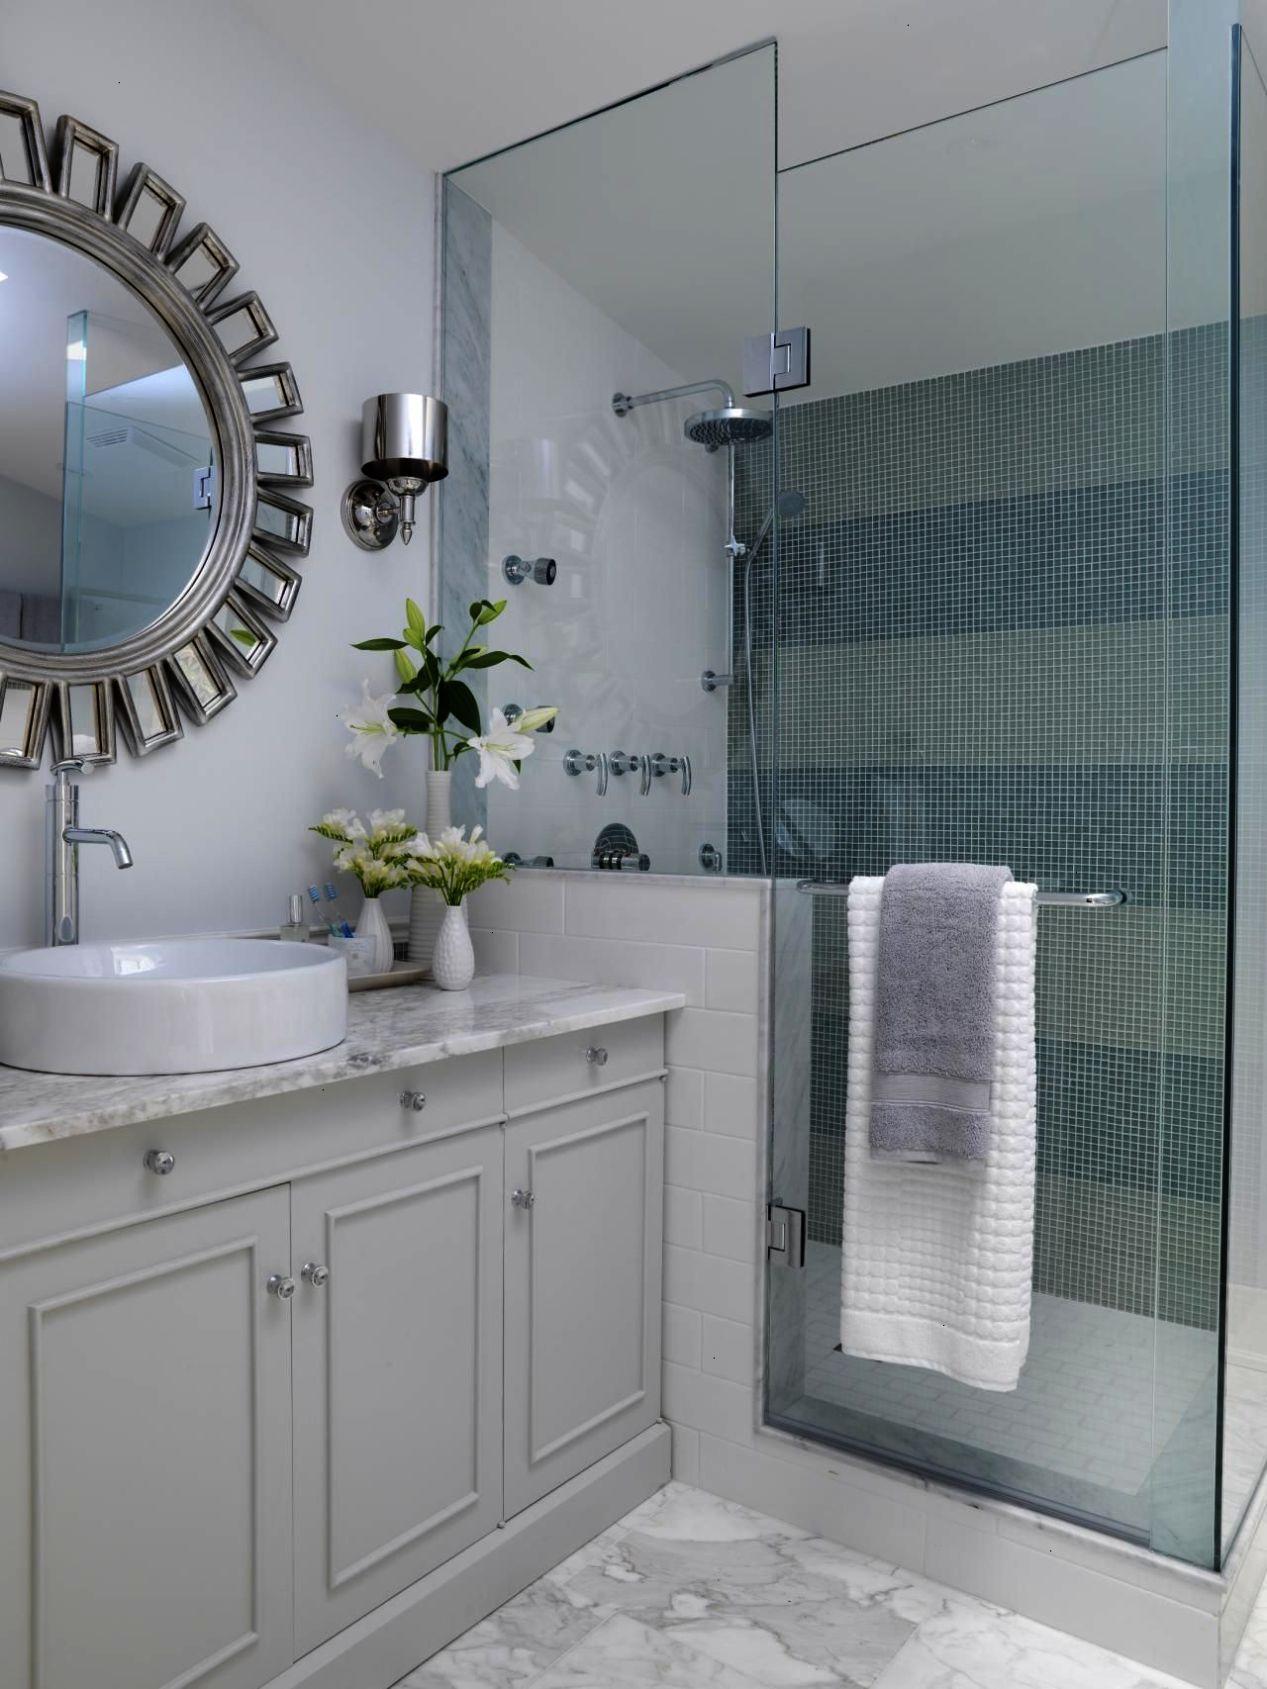 15 Simply Chic Bathroom Tile Design Ideas - Bathroom Ideas